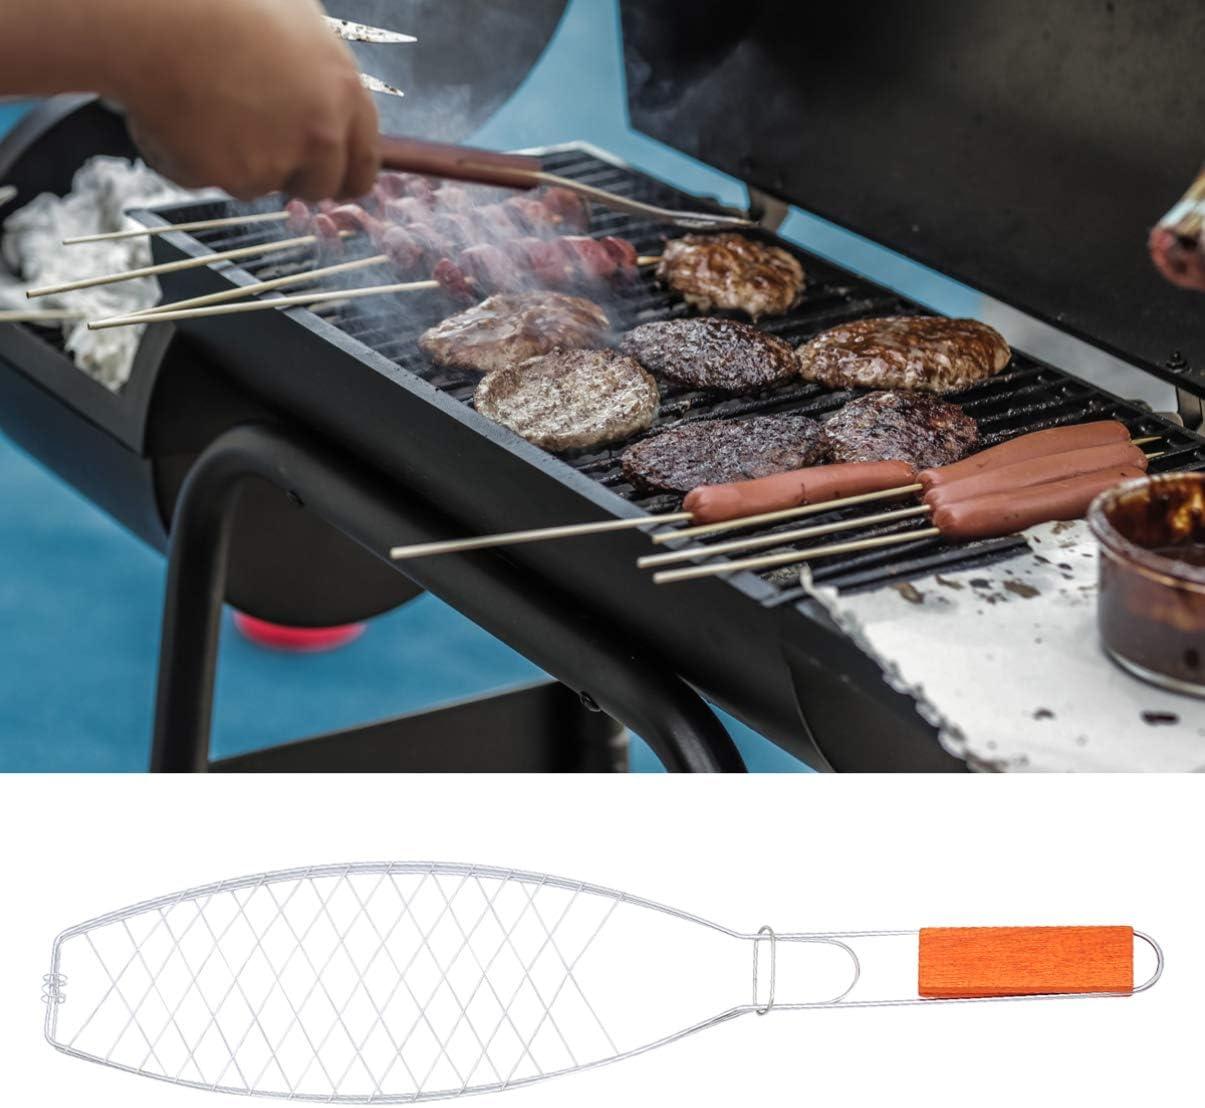 YARNOW 2 Pcs Poisson Grill Paniers Barbecue Griller Paniers Antiadhésif Barbecue Grill Mesh Outils pour Camping Pique-Nique Comme montré 2pcs